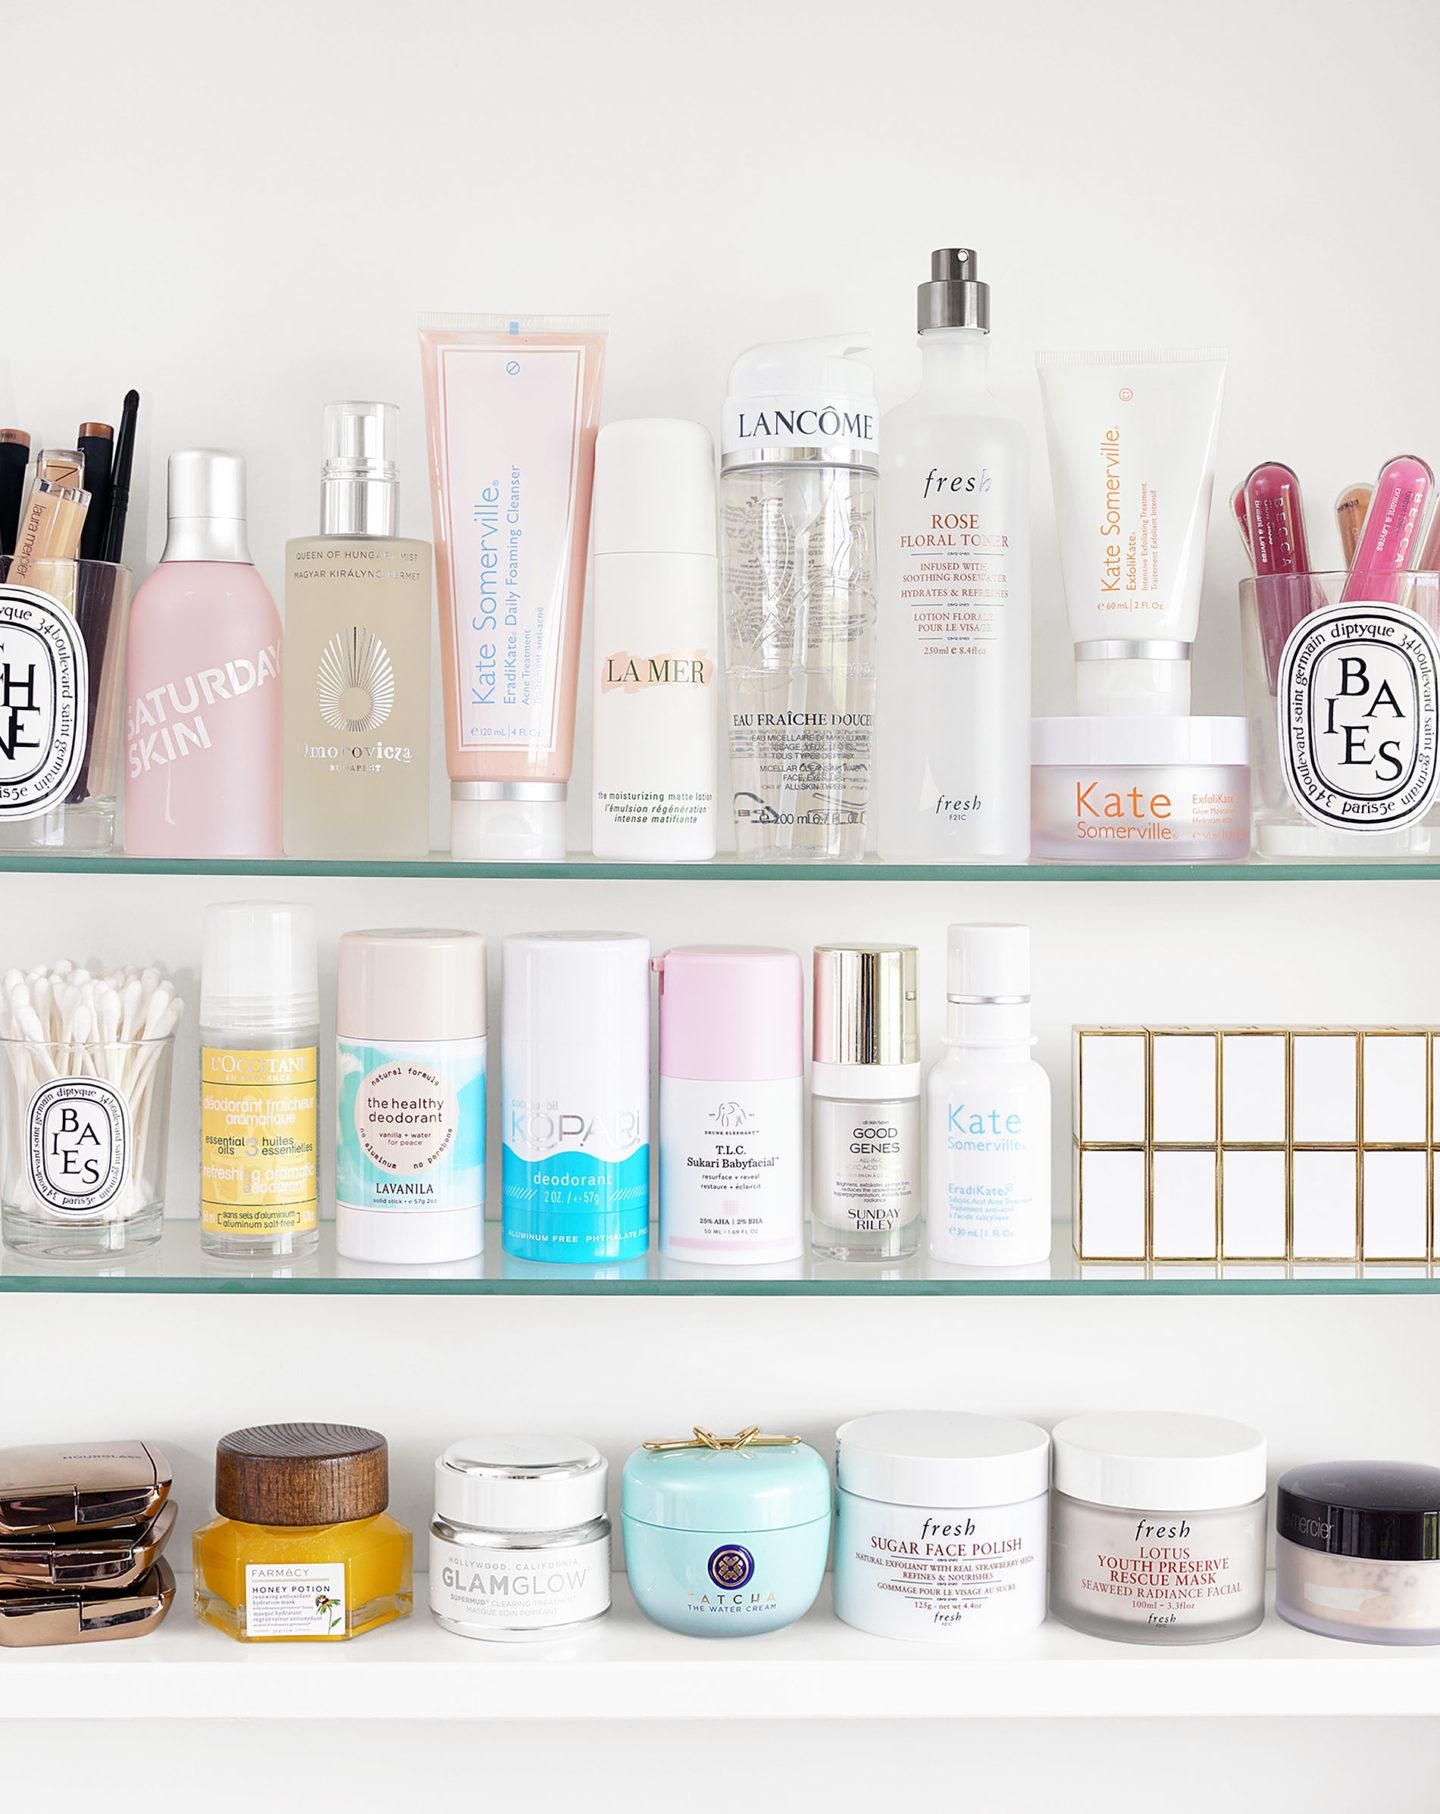 Les meilleurs soins de la peau Kate Somerville, Omorovicza, La Mer, Kopari | Le livre de beauté